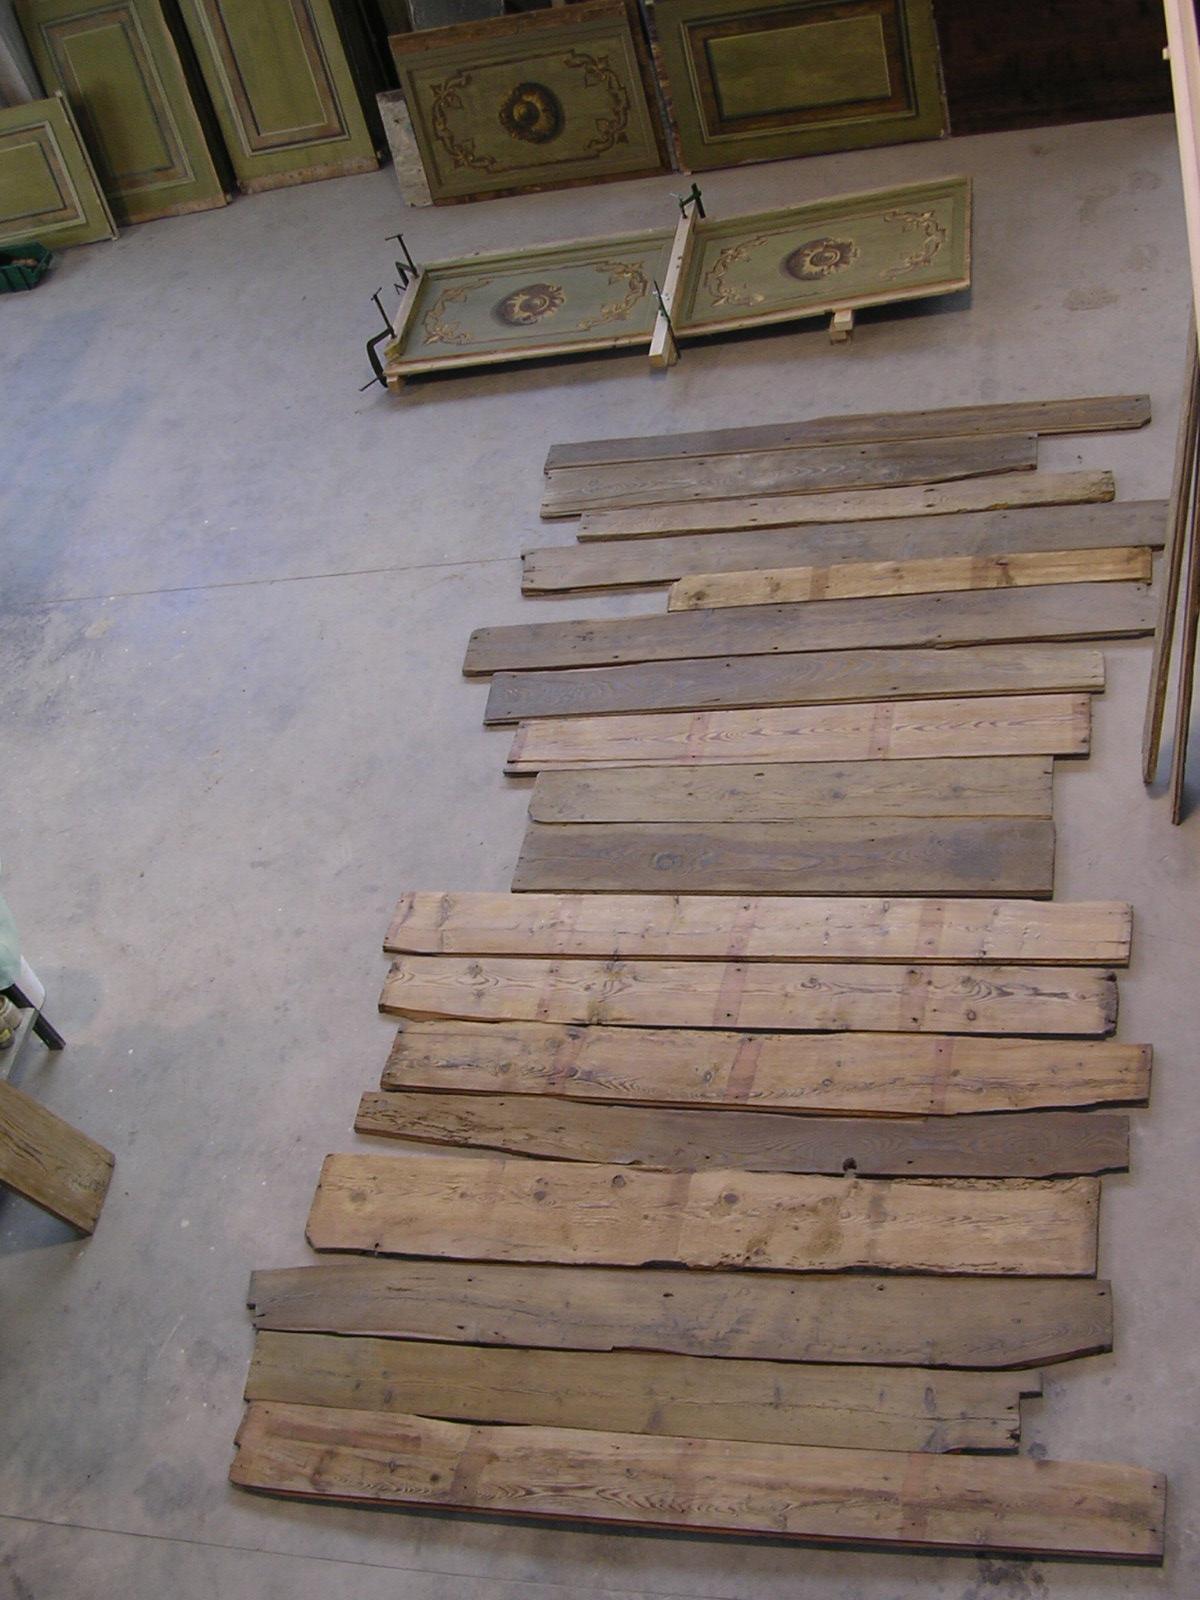 Porzione del pavimento originale che si è riusciti a recuperare, a restaurare e, quindi a riutilizzare per realizzare una piccola parte del pavimento del primo ordine dei palchi